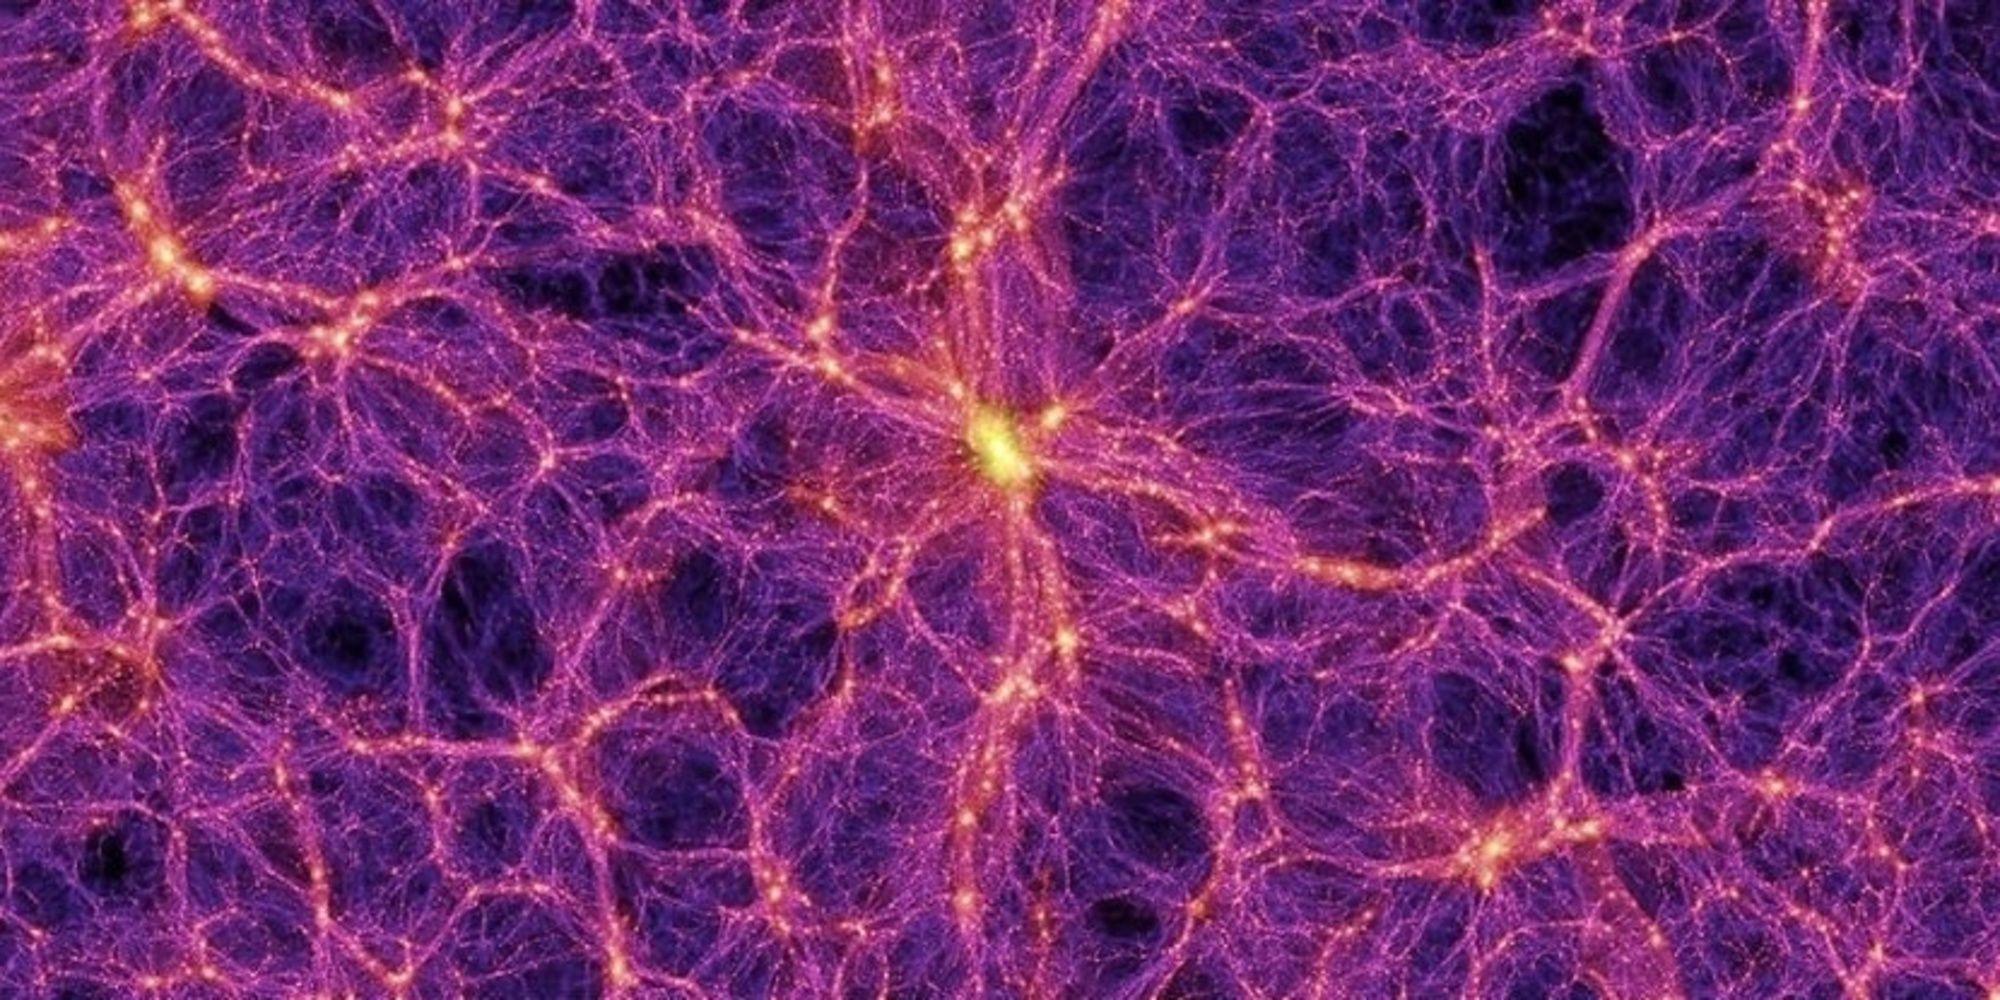 La direzione di rotazione delle galassie dipende dalla loro massa - Everyeye Tech